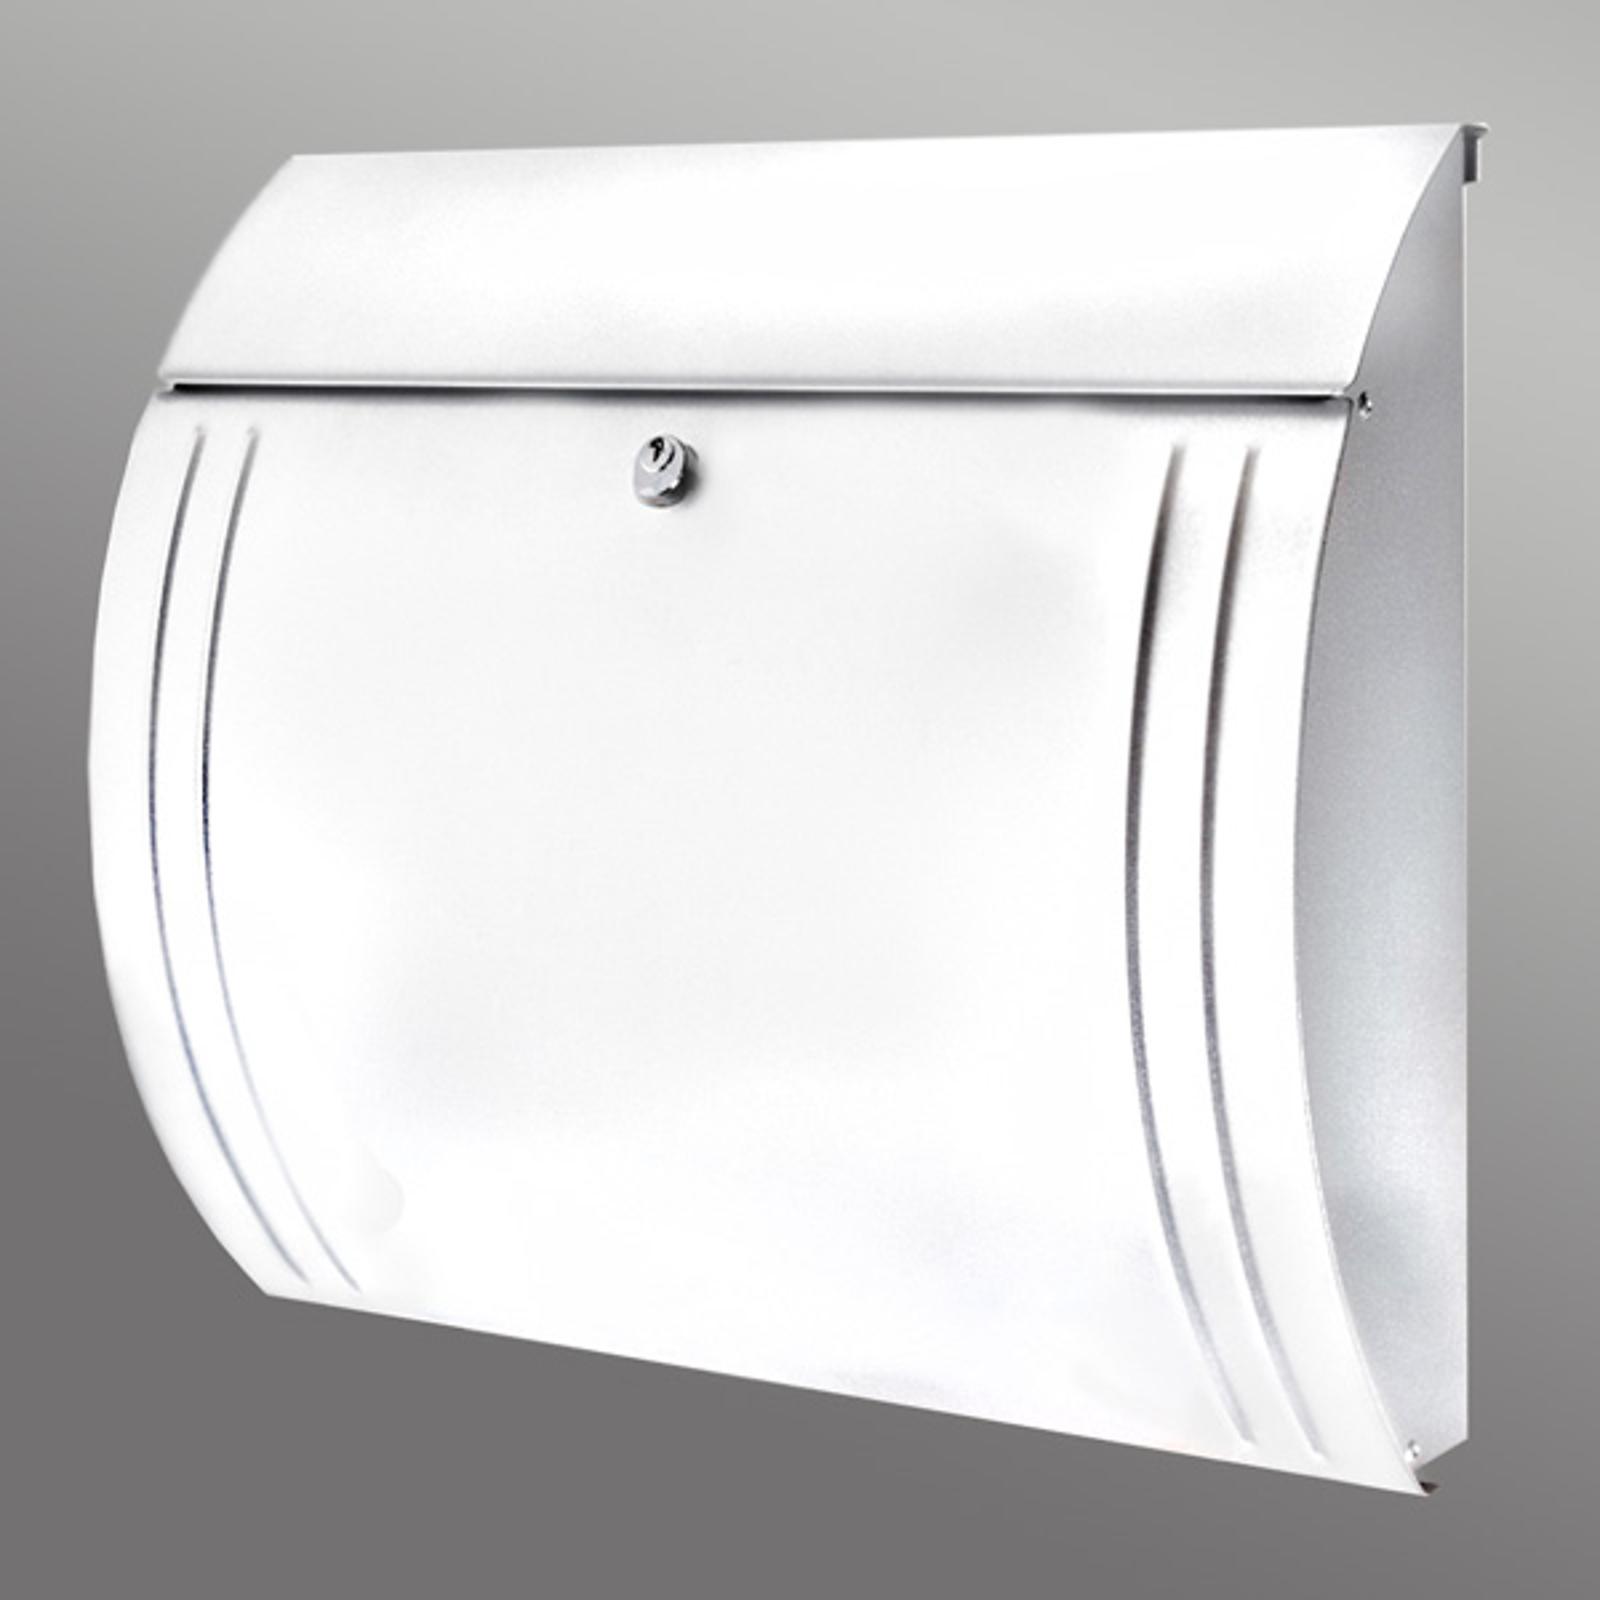 Vakker MODENA postkasse i hvitt stål